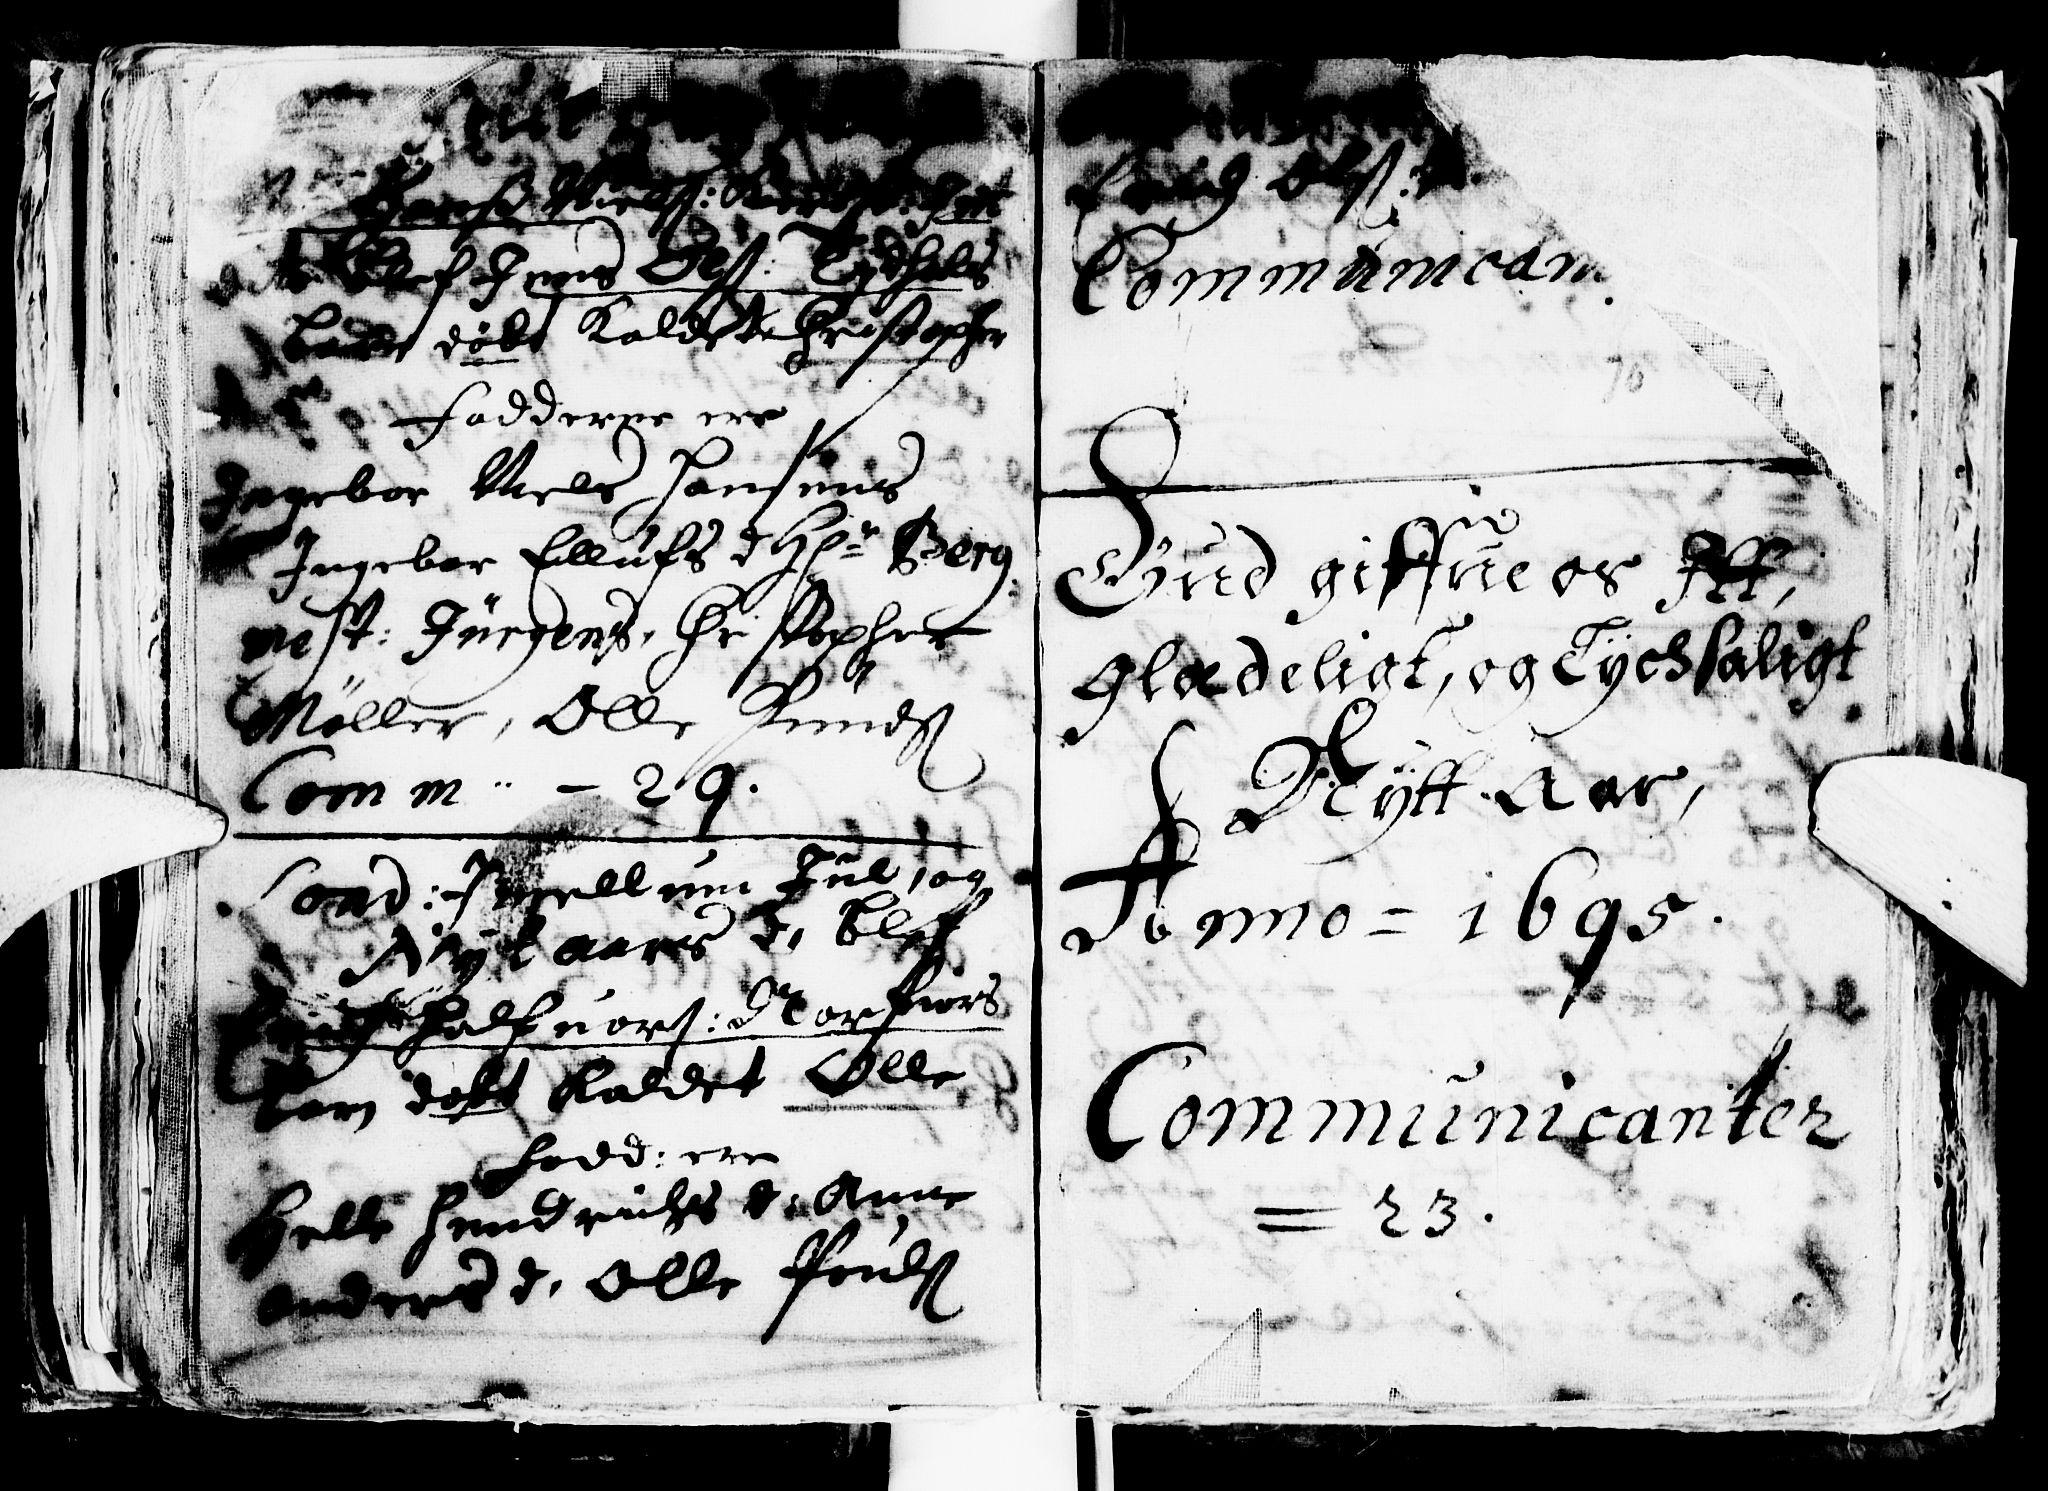 SAT, Ministerialprotokoller, klokkerbøker og fødselsregistre - Sør-Trøndelag, 681/L0923: Ministerialbok nr. 681A01, 1691-1700, s. 70